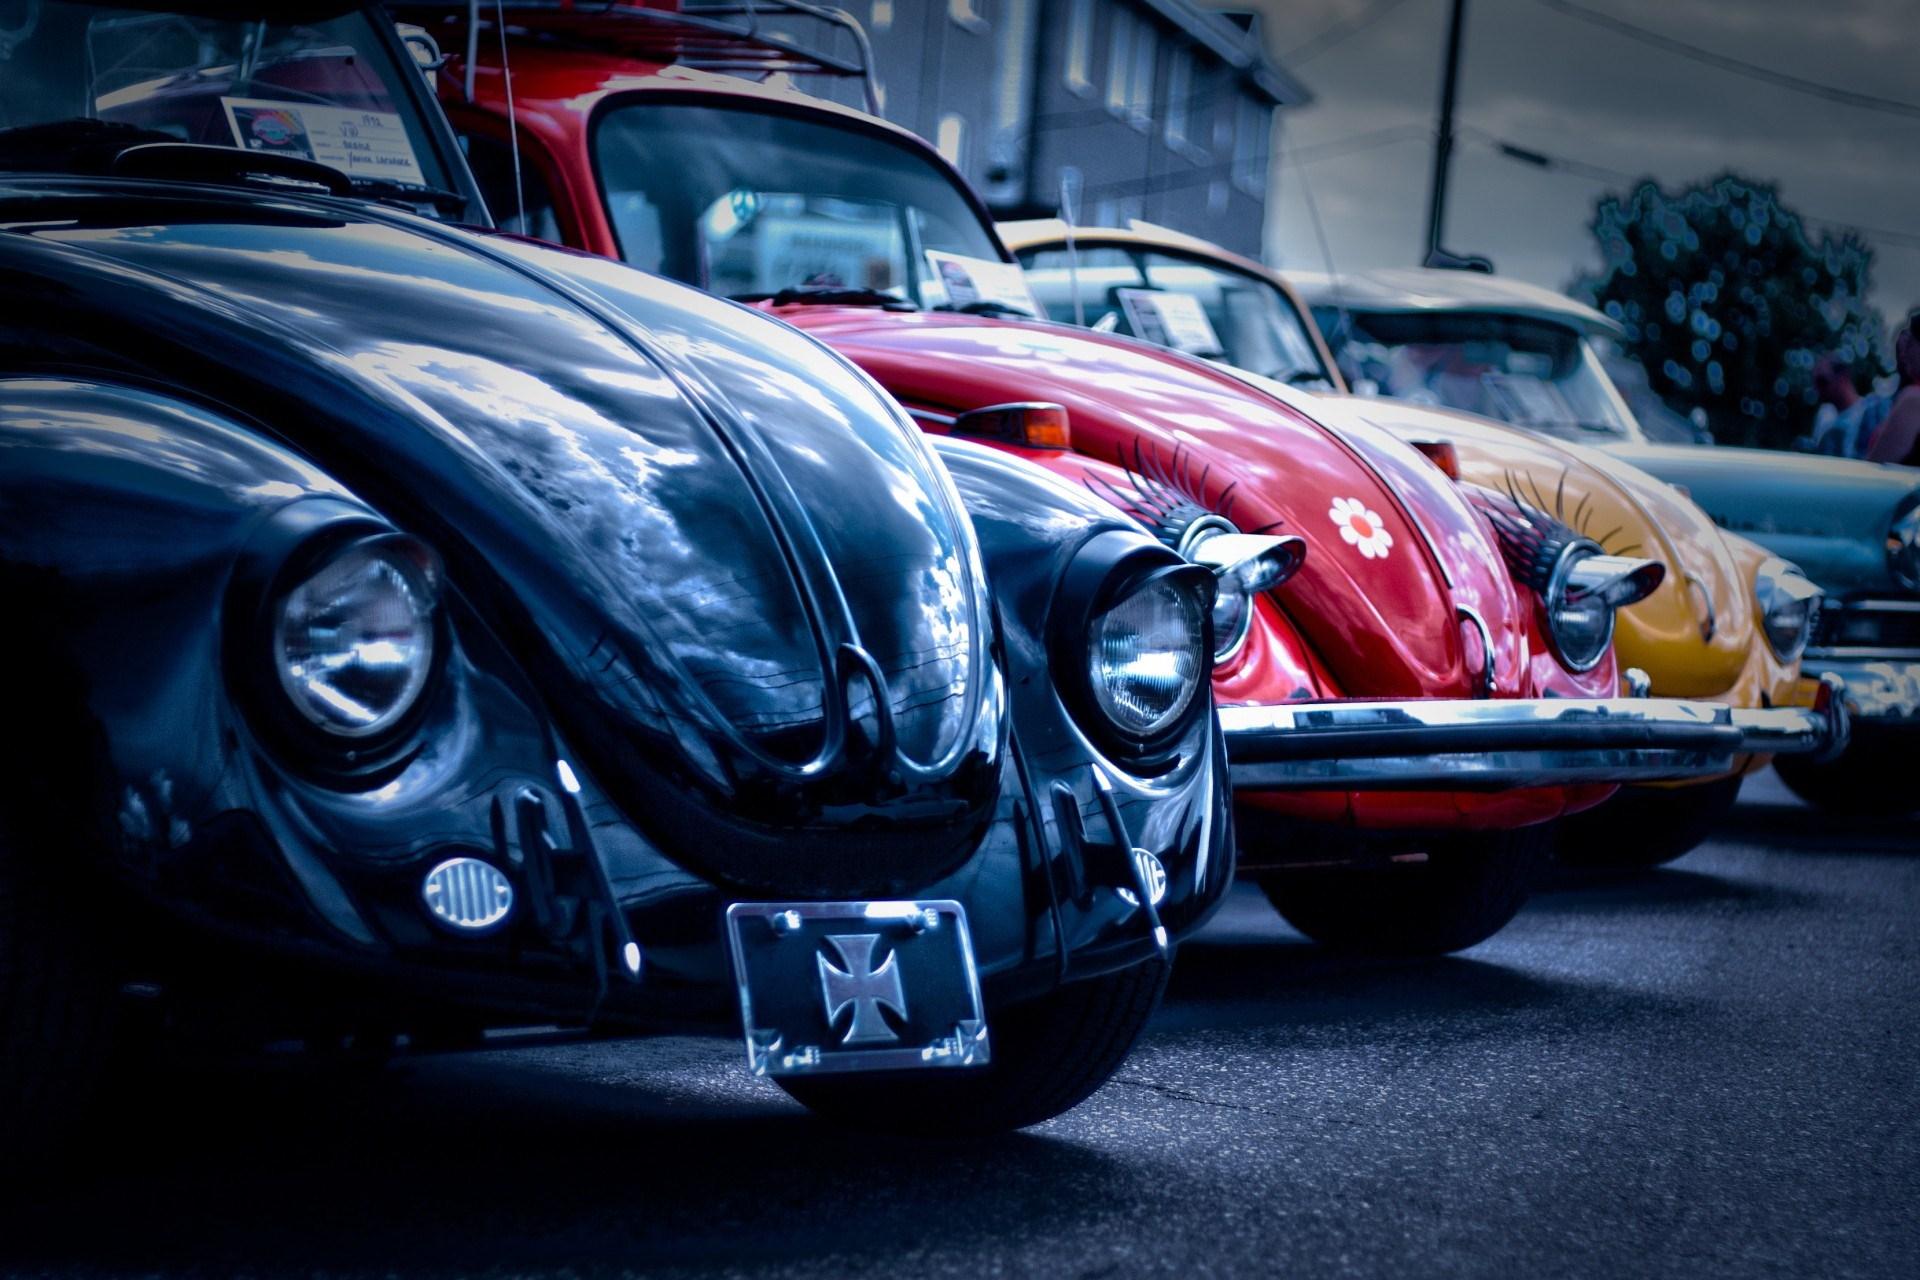 Volkswagen Beetle HD Wallpaper - HD Wallpapers Backgrounds of Your ...